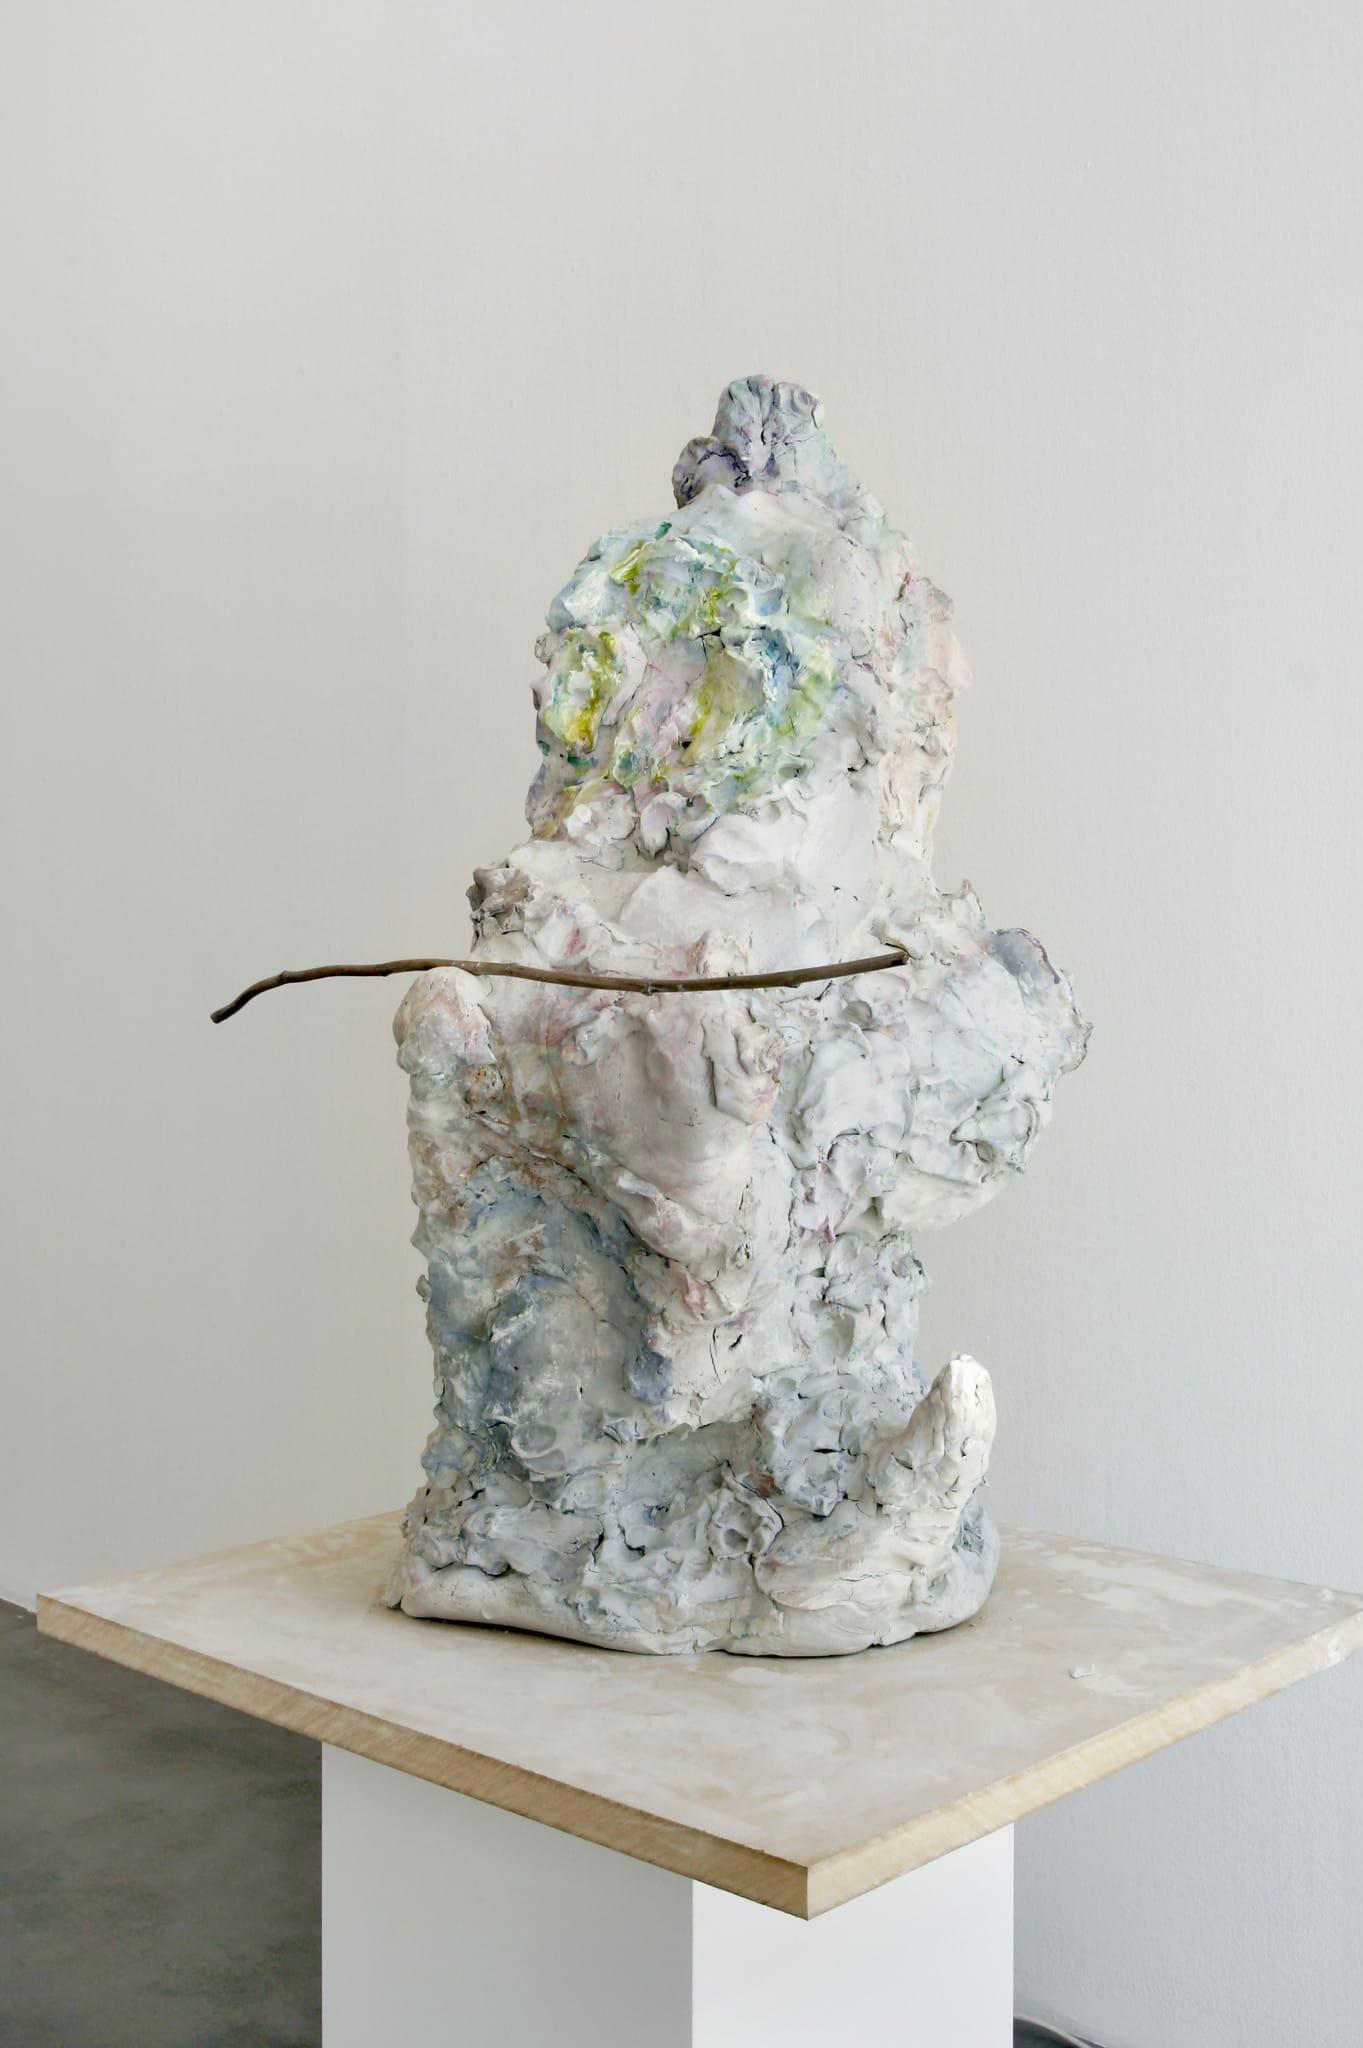 Gilbertine by Rebecca Warren